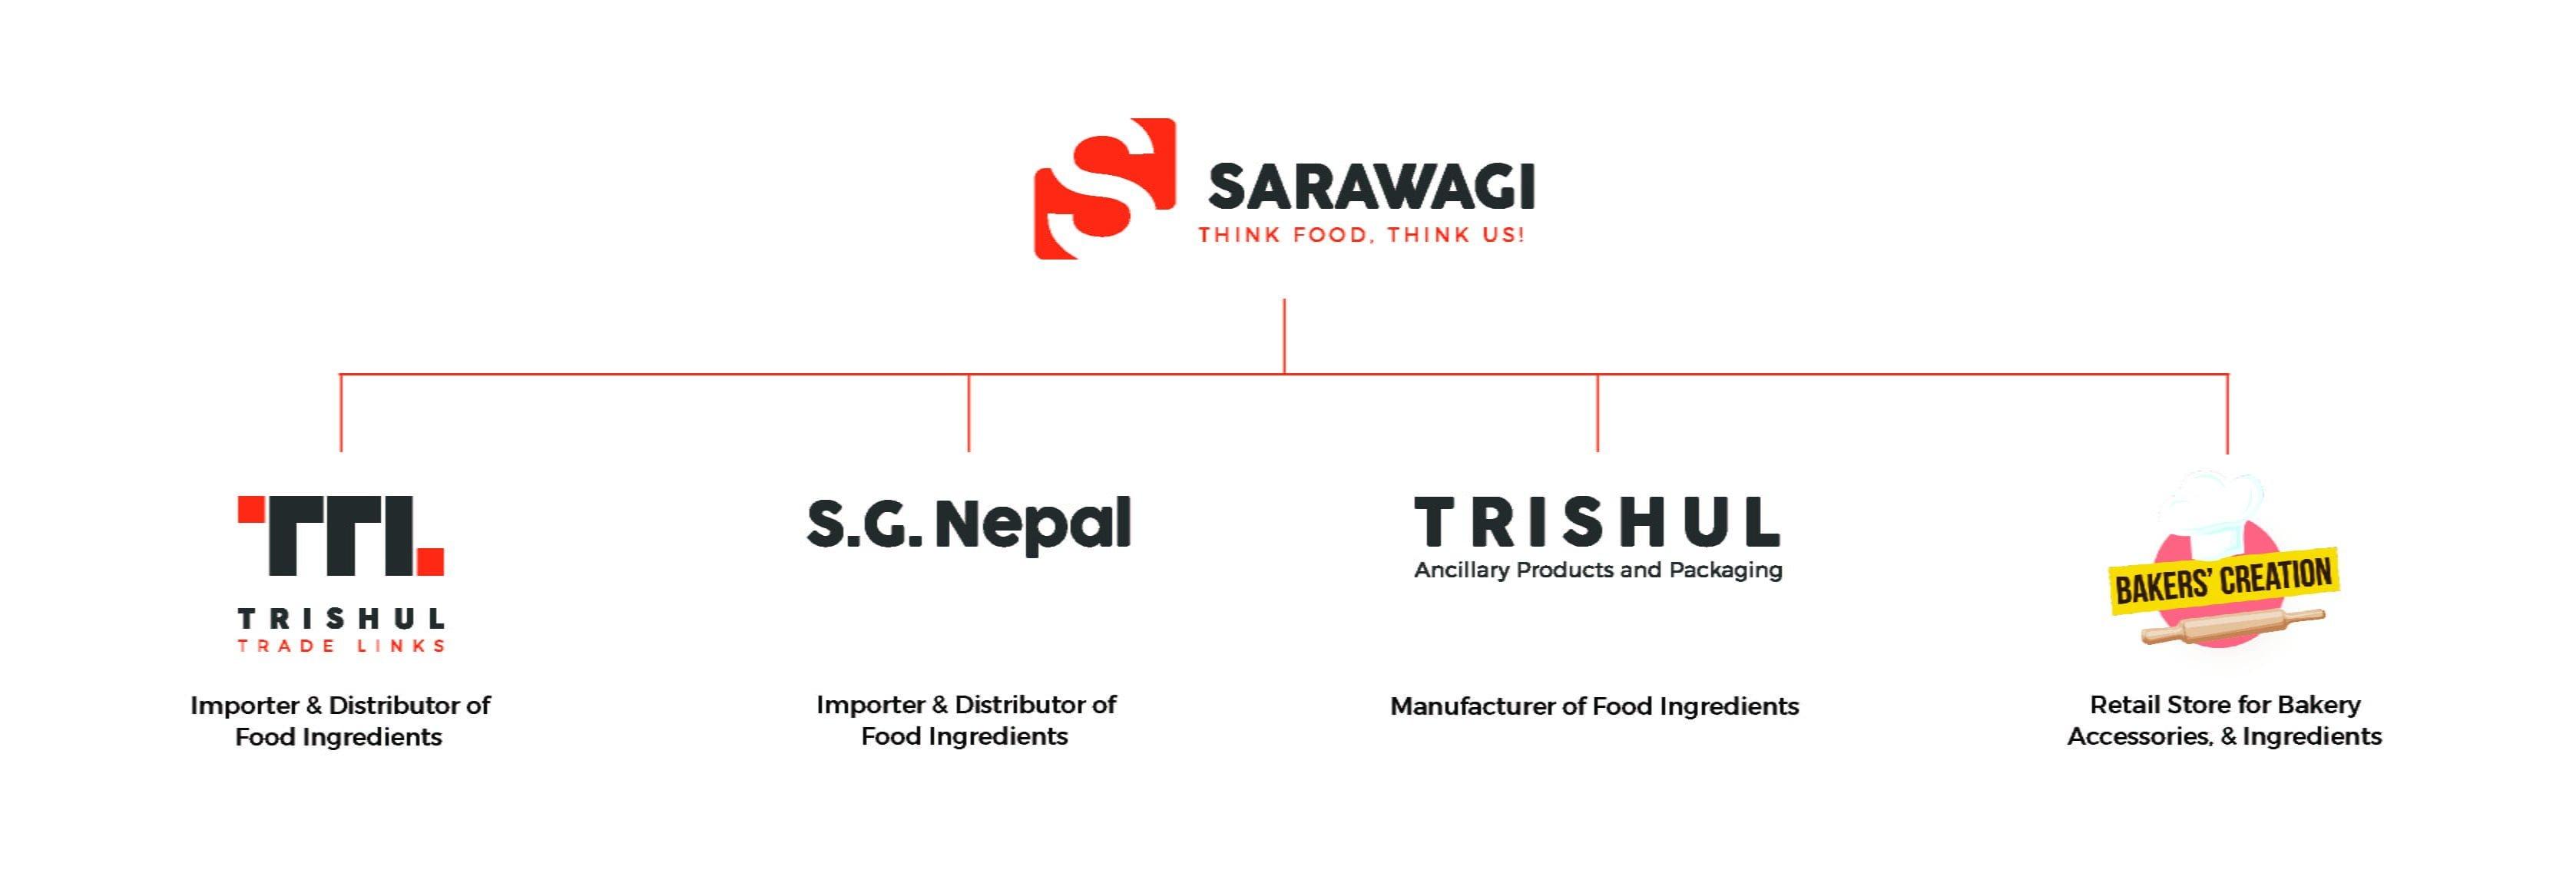 Sarawagi Combo Image